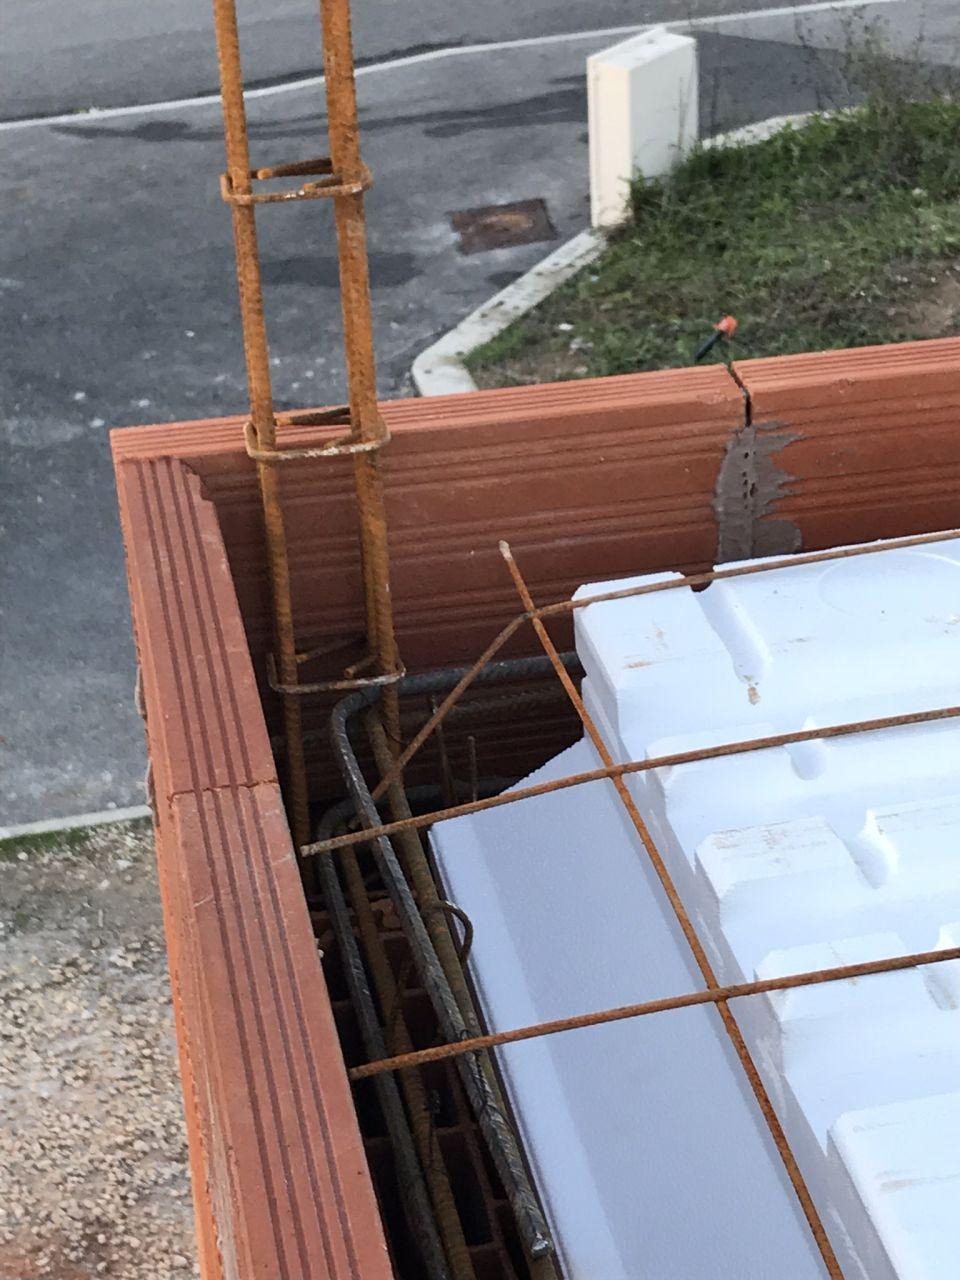 Chaînage vertical d'angle en margelle brique et hourdis léger (sauf about en polystyrène)